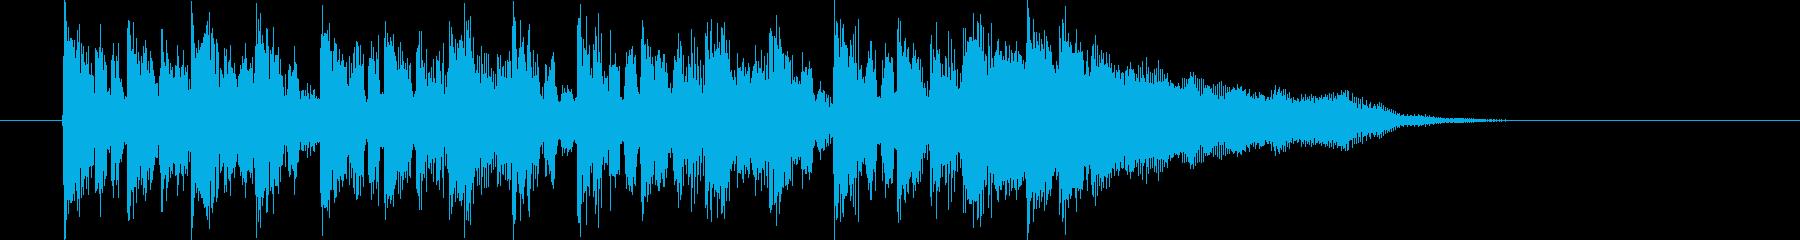 明るくポップなオープ二ングの再生済みの波形